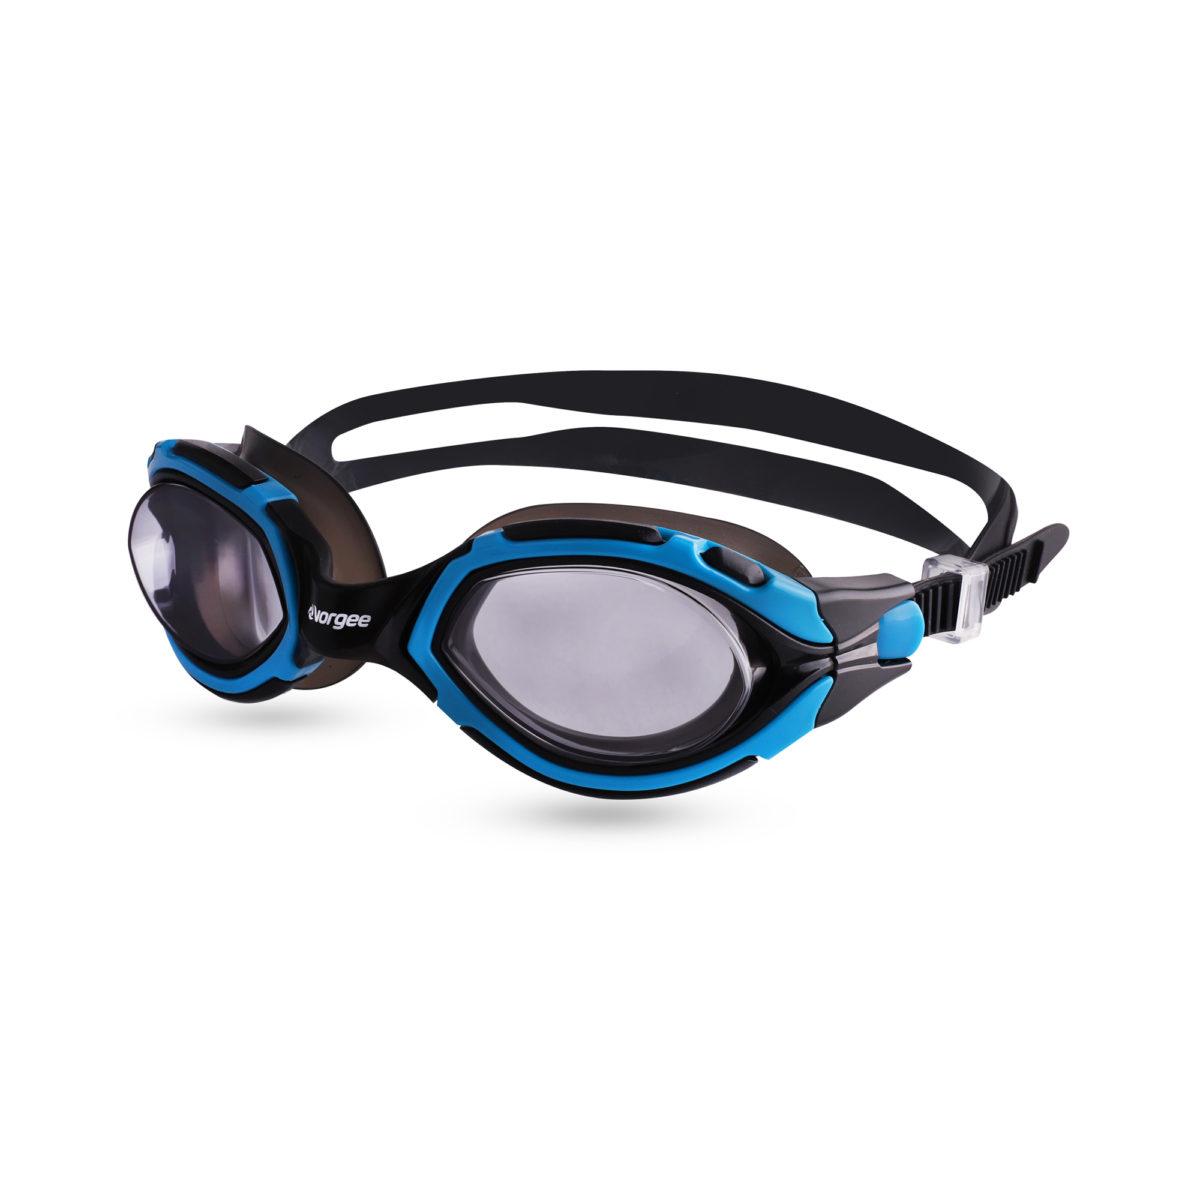 Osprey Tint - black & blue